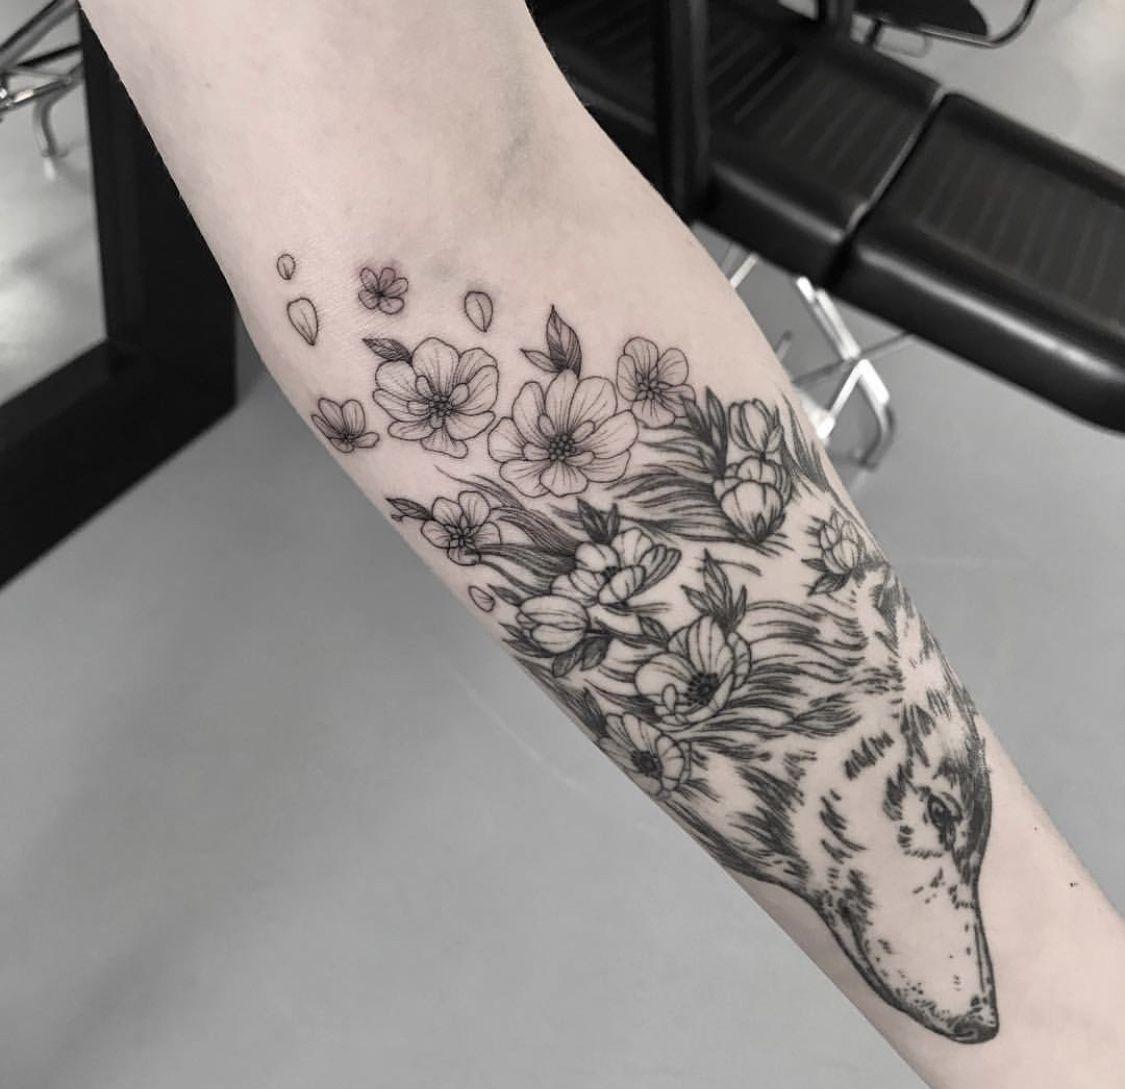 Pin by Alli on Tattoos Feminine tattoos, Snake tattoo